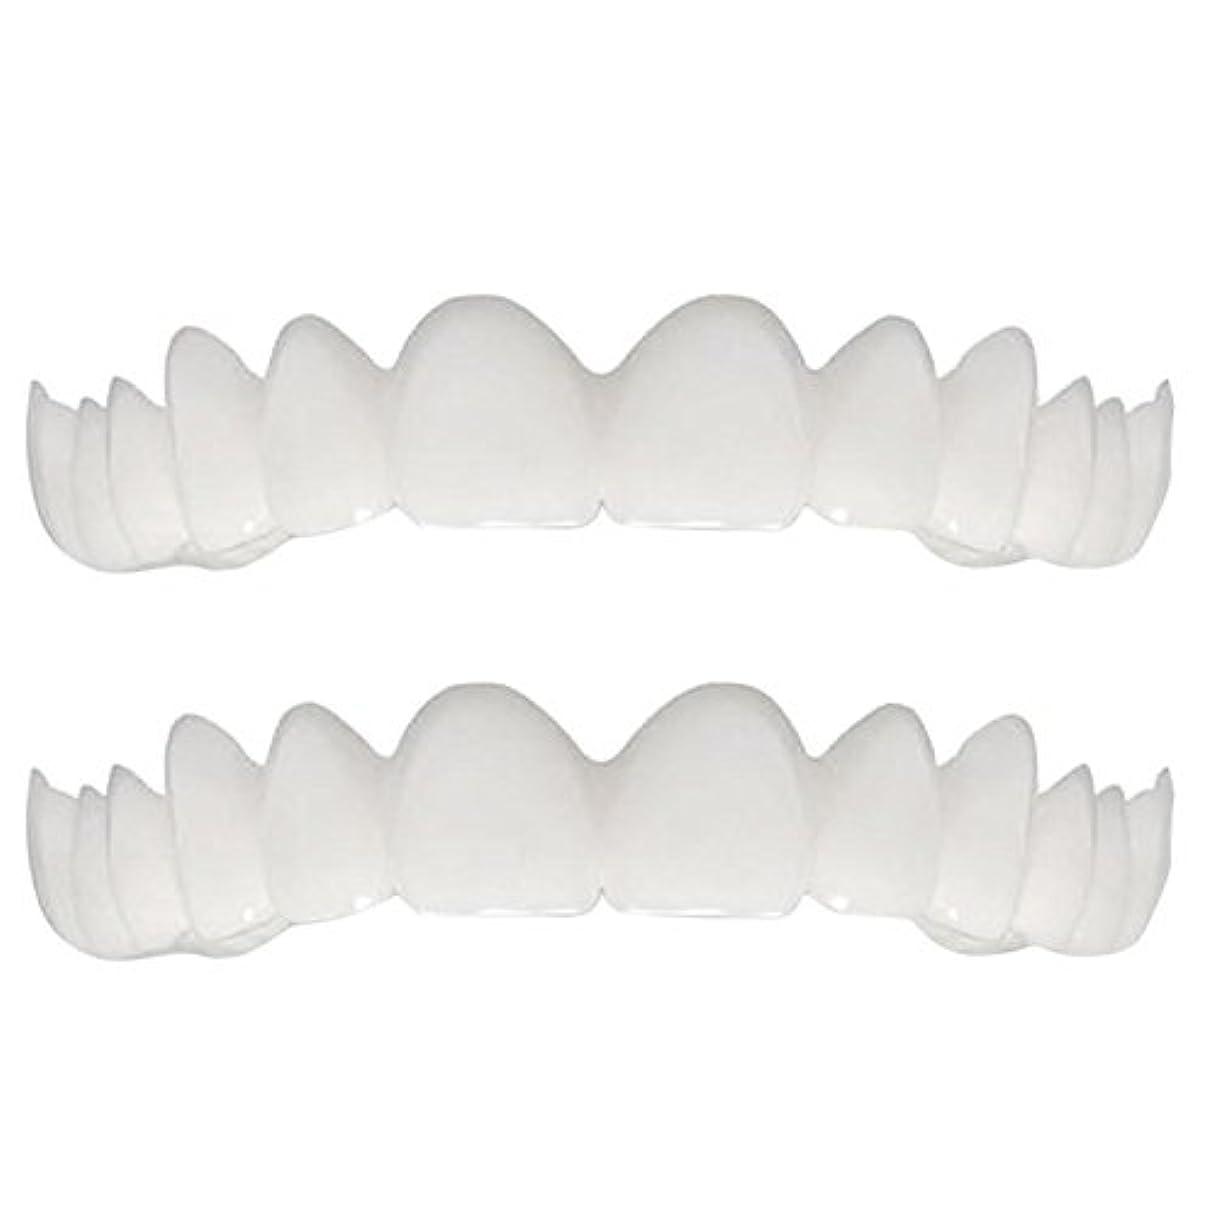 批判的に参照水素柔らかい歯の総義歯と合うシリコーンのシミュレーションの上下の総義歯(5セット),Opp